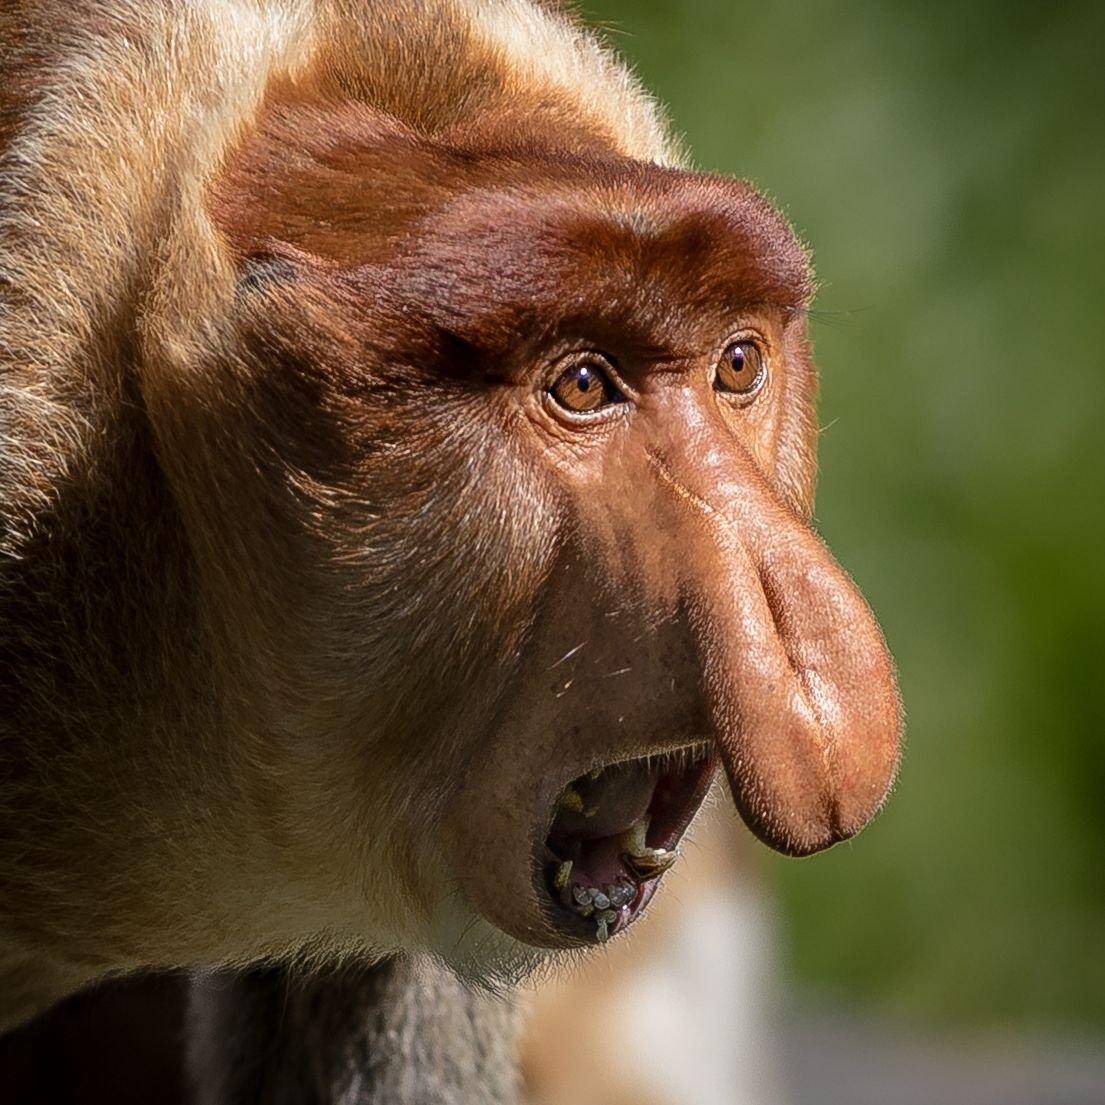 яблок картинки обезьян с длинным носом целом такое